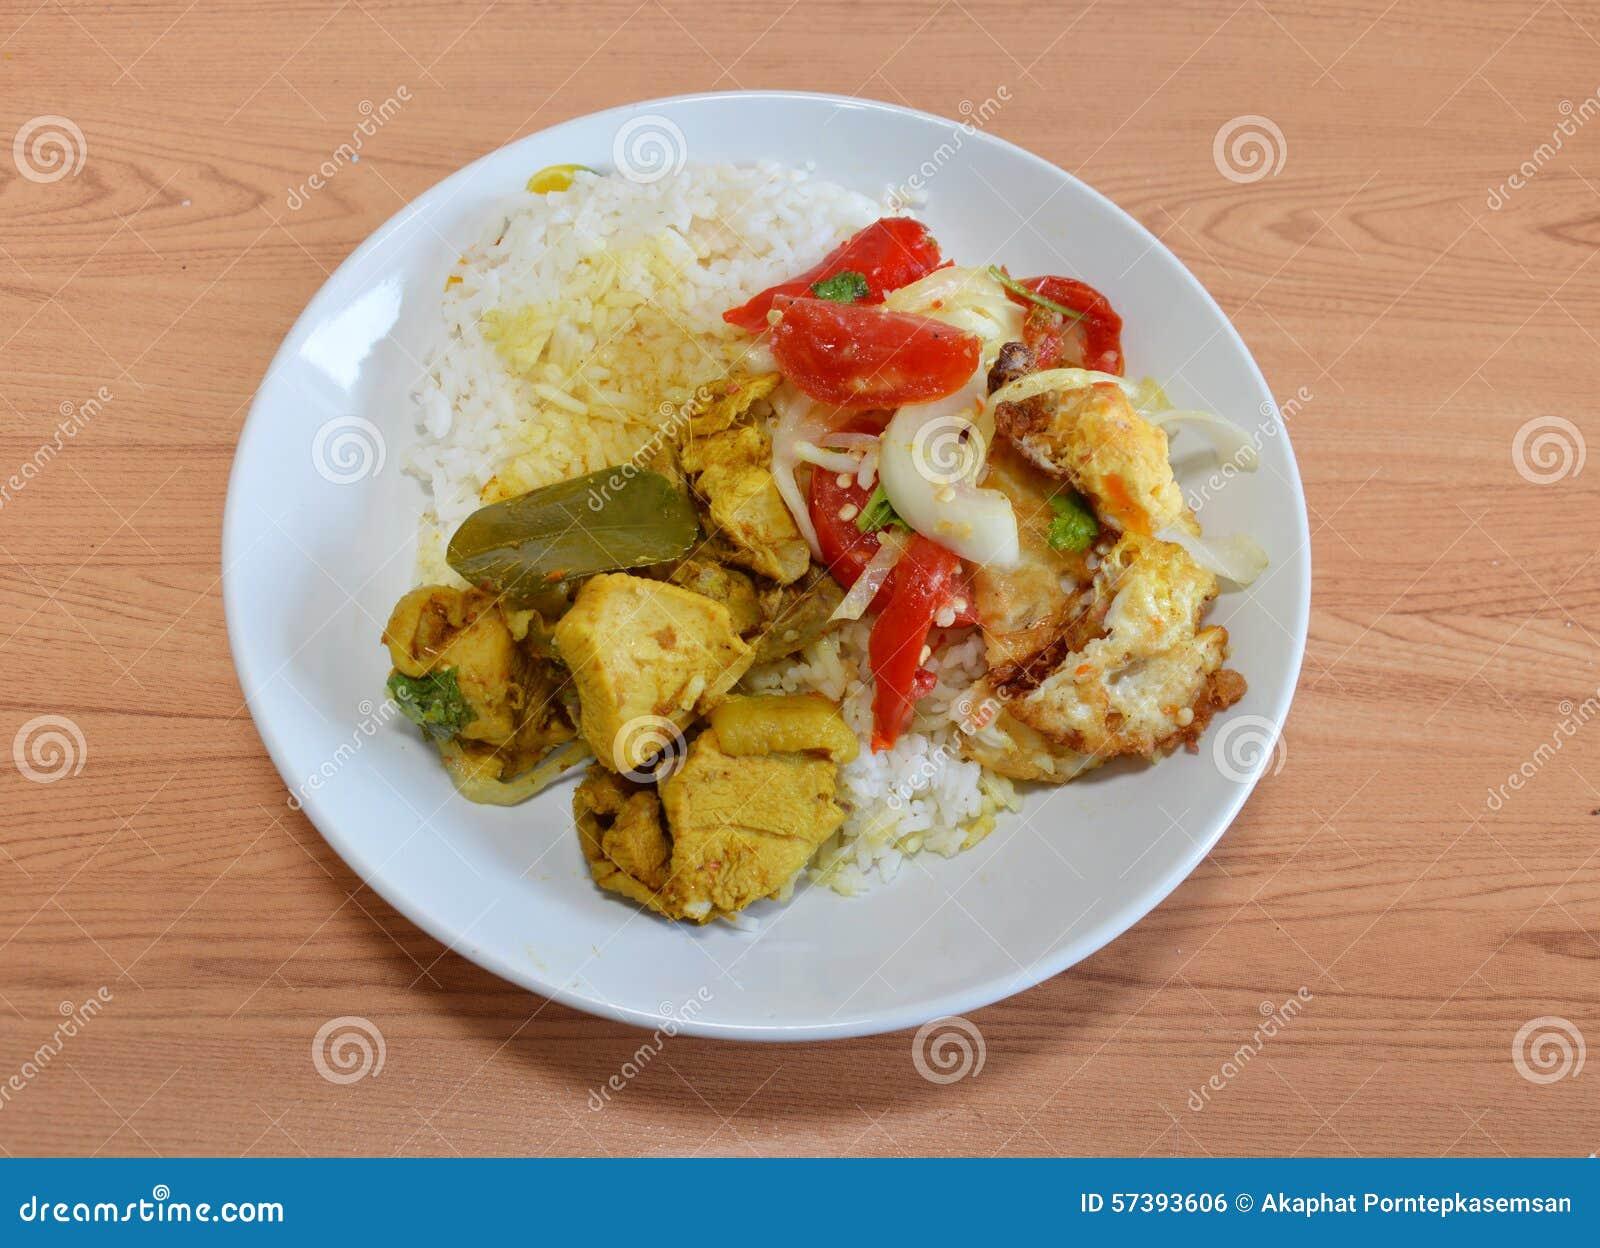 Kruidige salade met gebraden ei en kippenkerrie